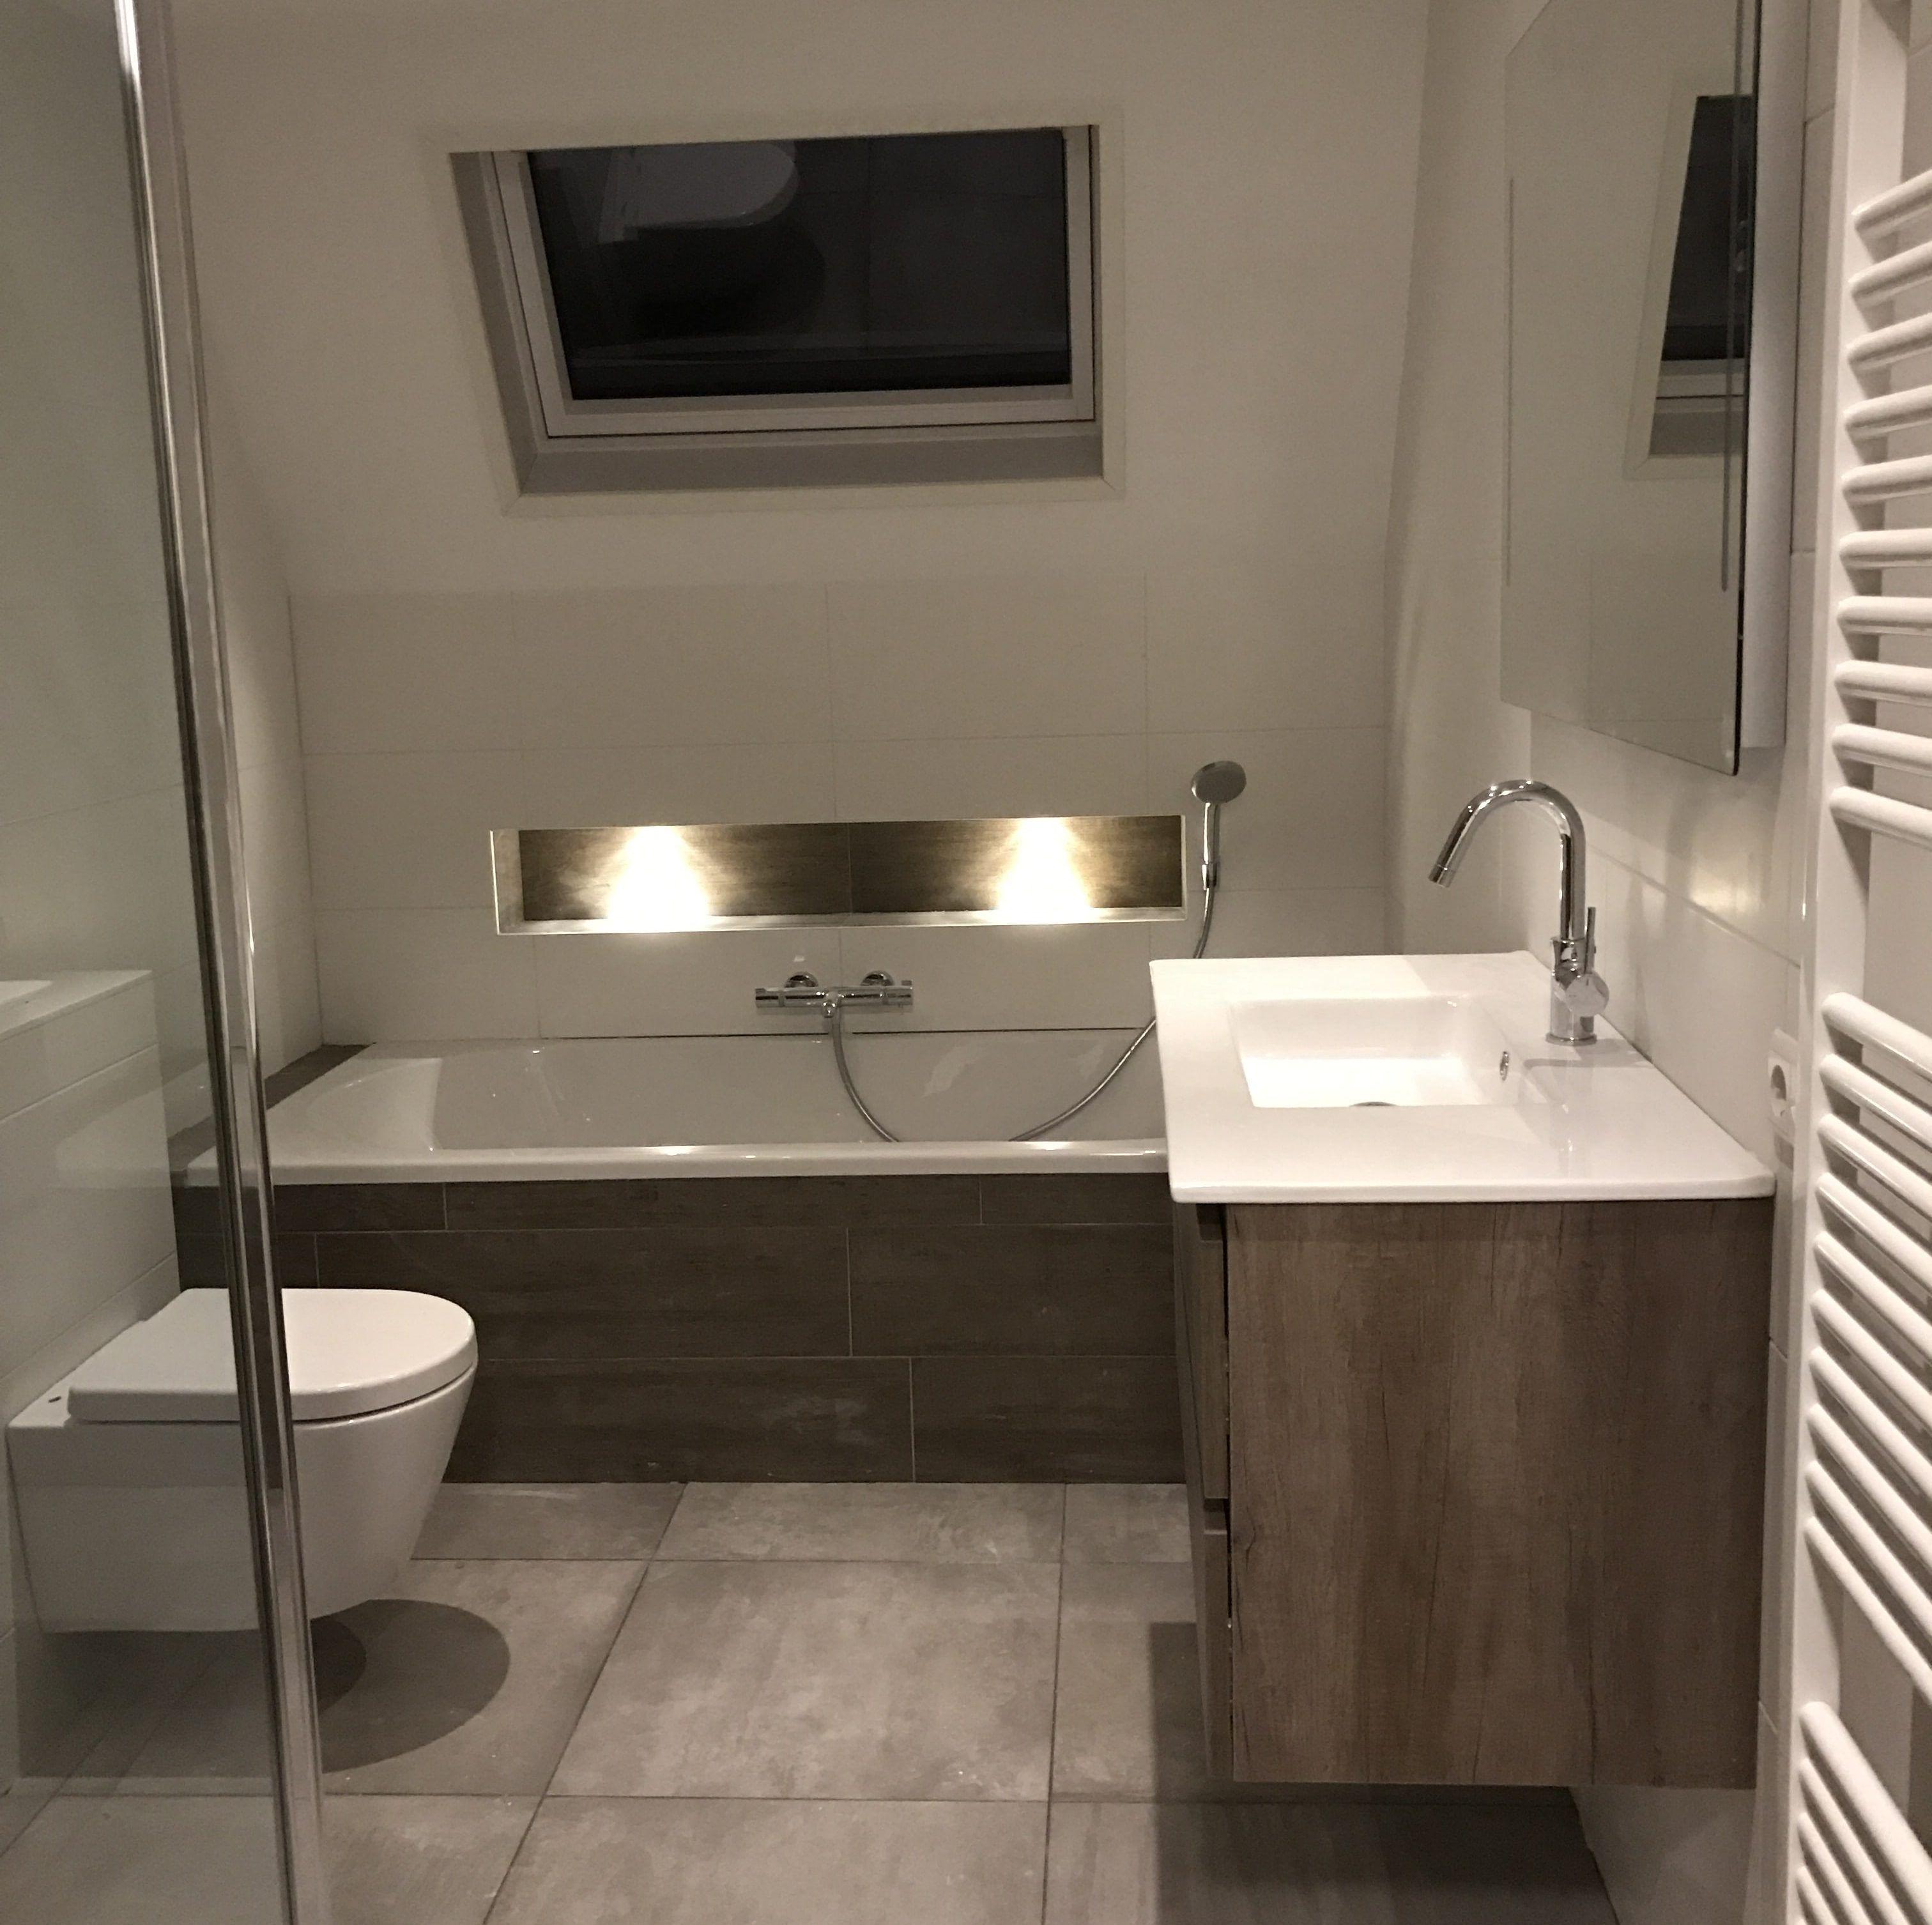 Badkamer inspiratie een nis boven het bad. Sfeervol en